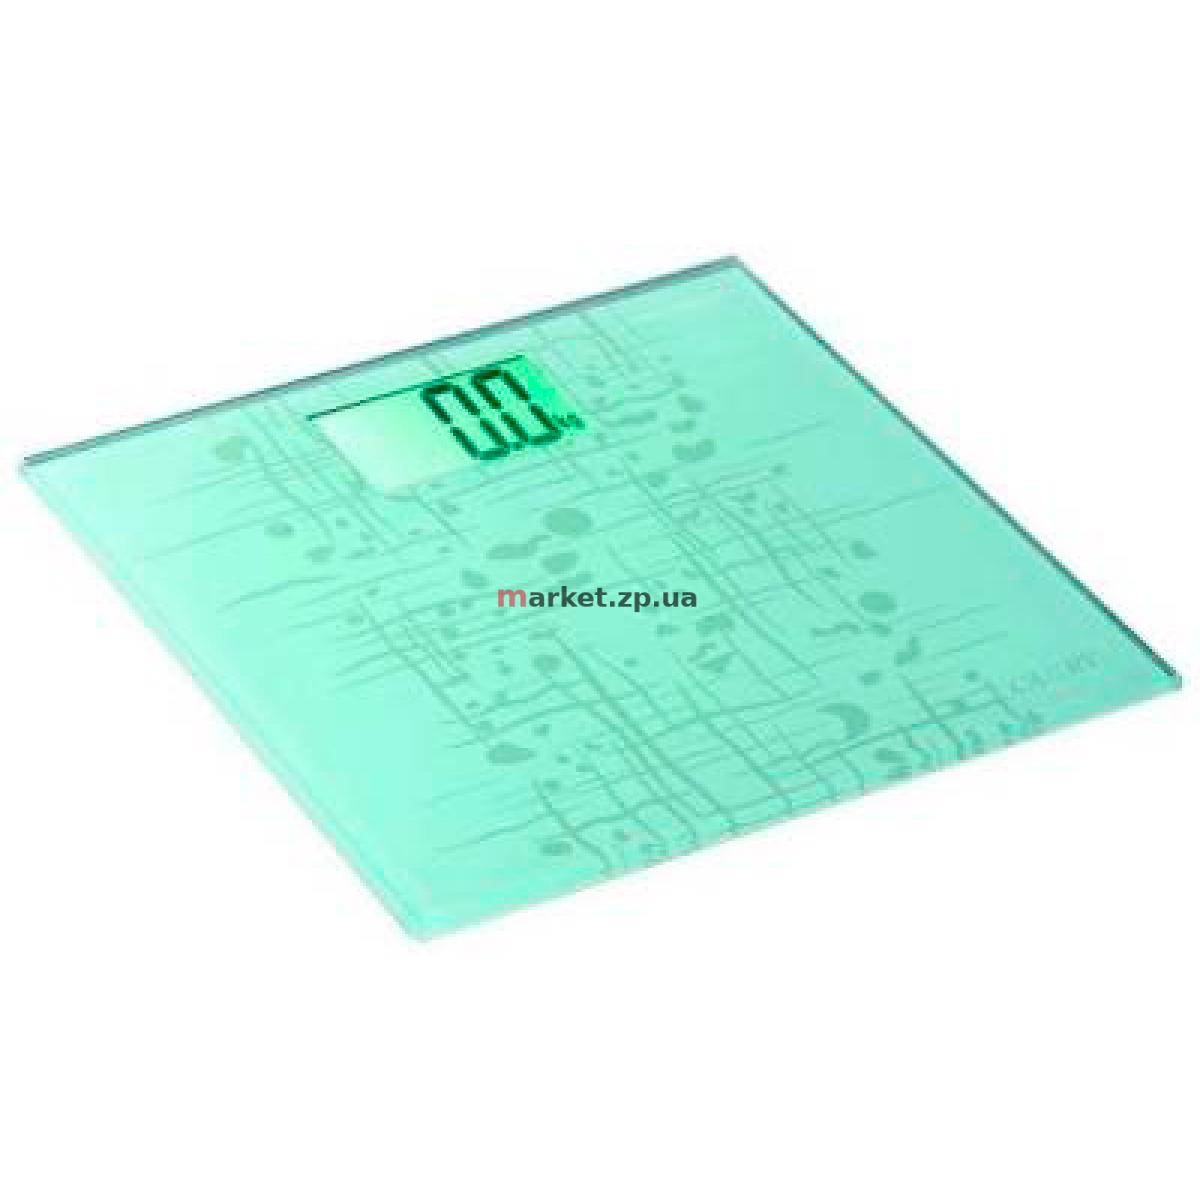 Весы напольные VICO EB-9323-S121